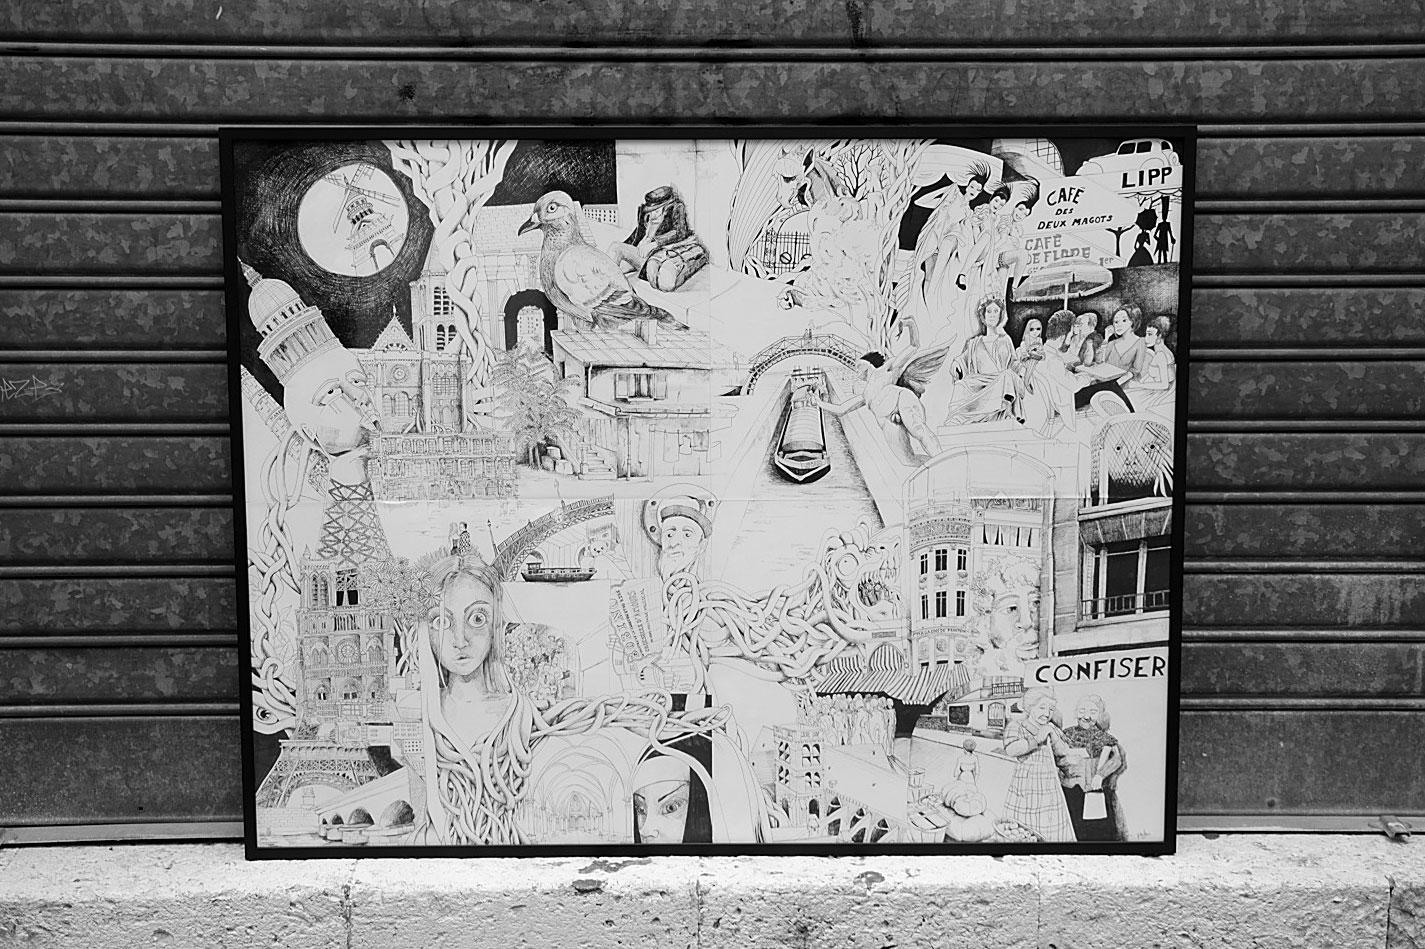 Paris passé - Pauline Eloy - Feutre fin -  130 x 100 cm